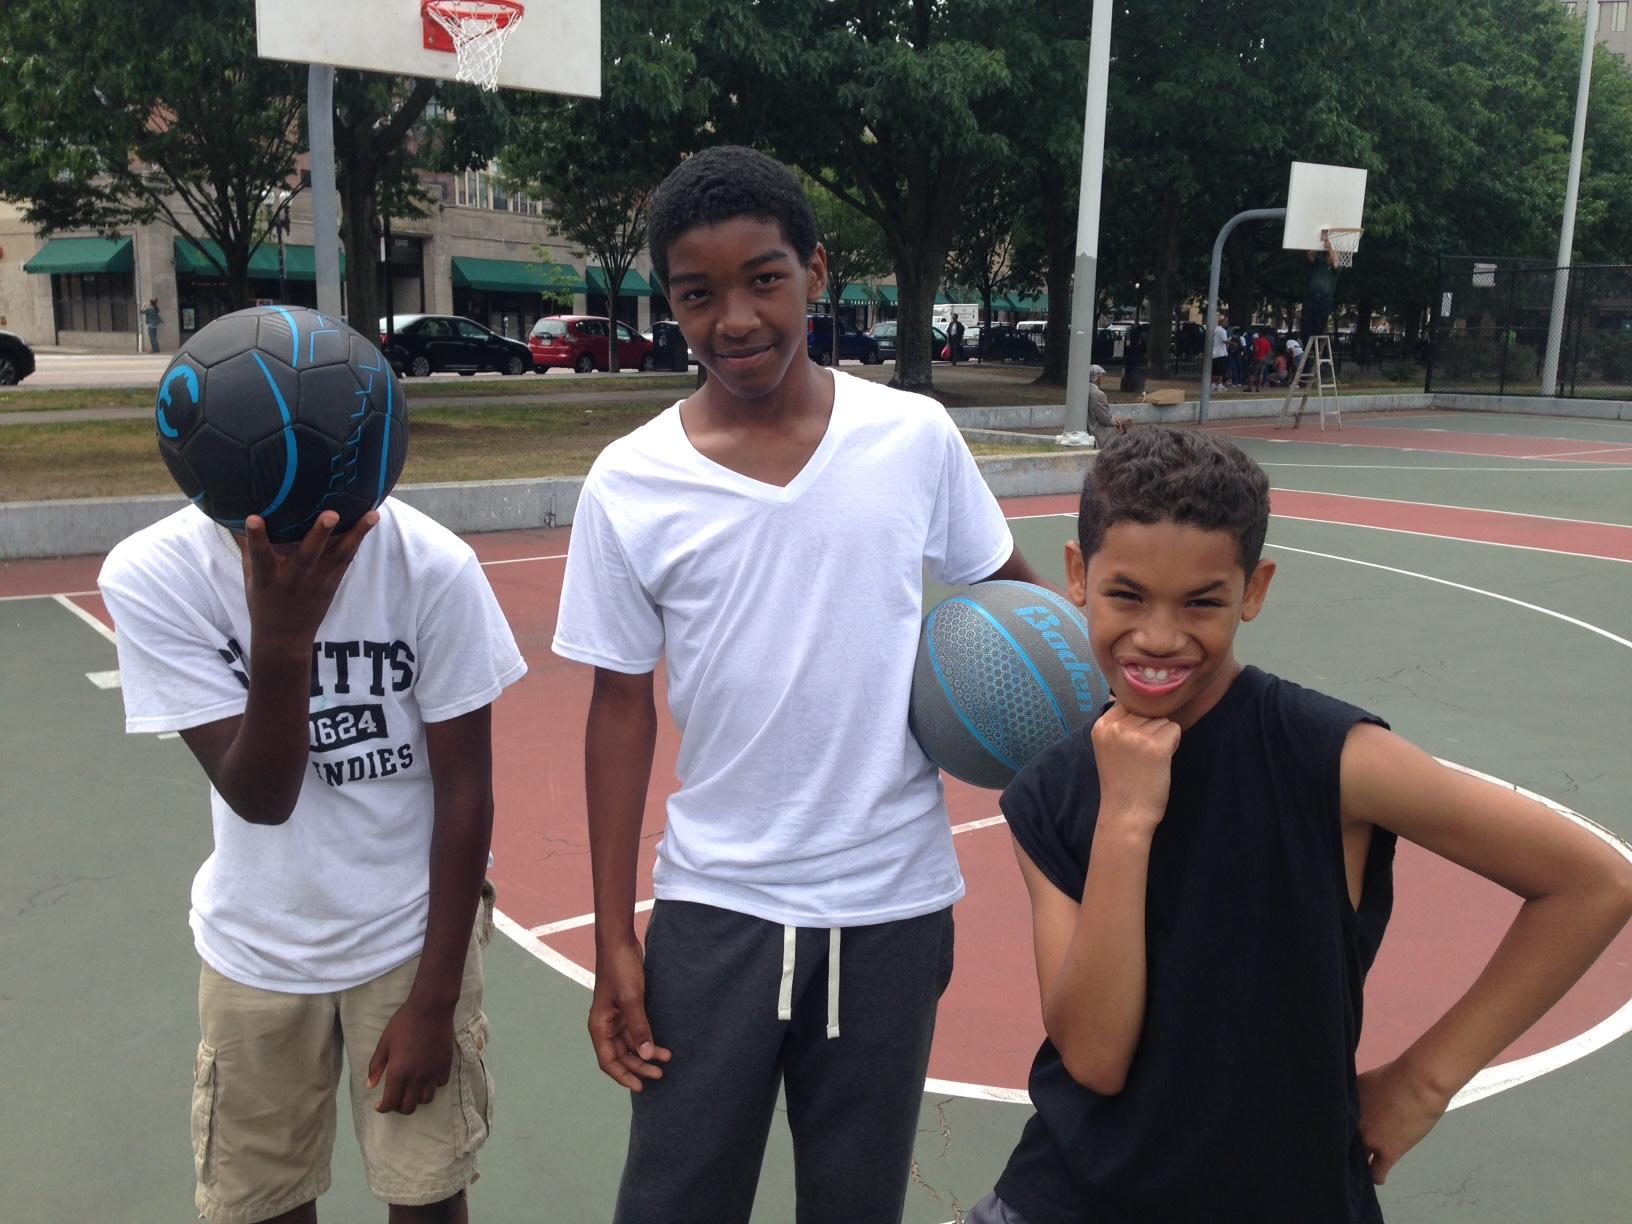 YLC Middle School Participants